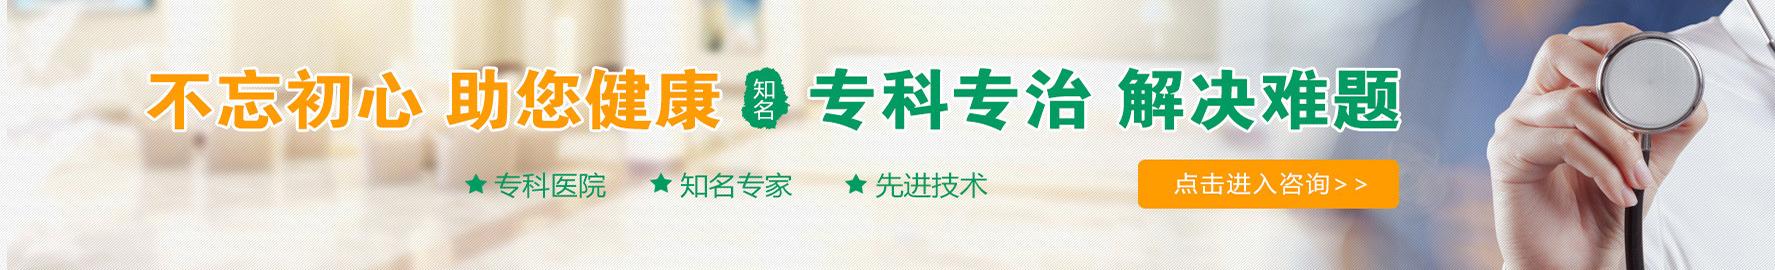 南京皮肤病医院